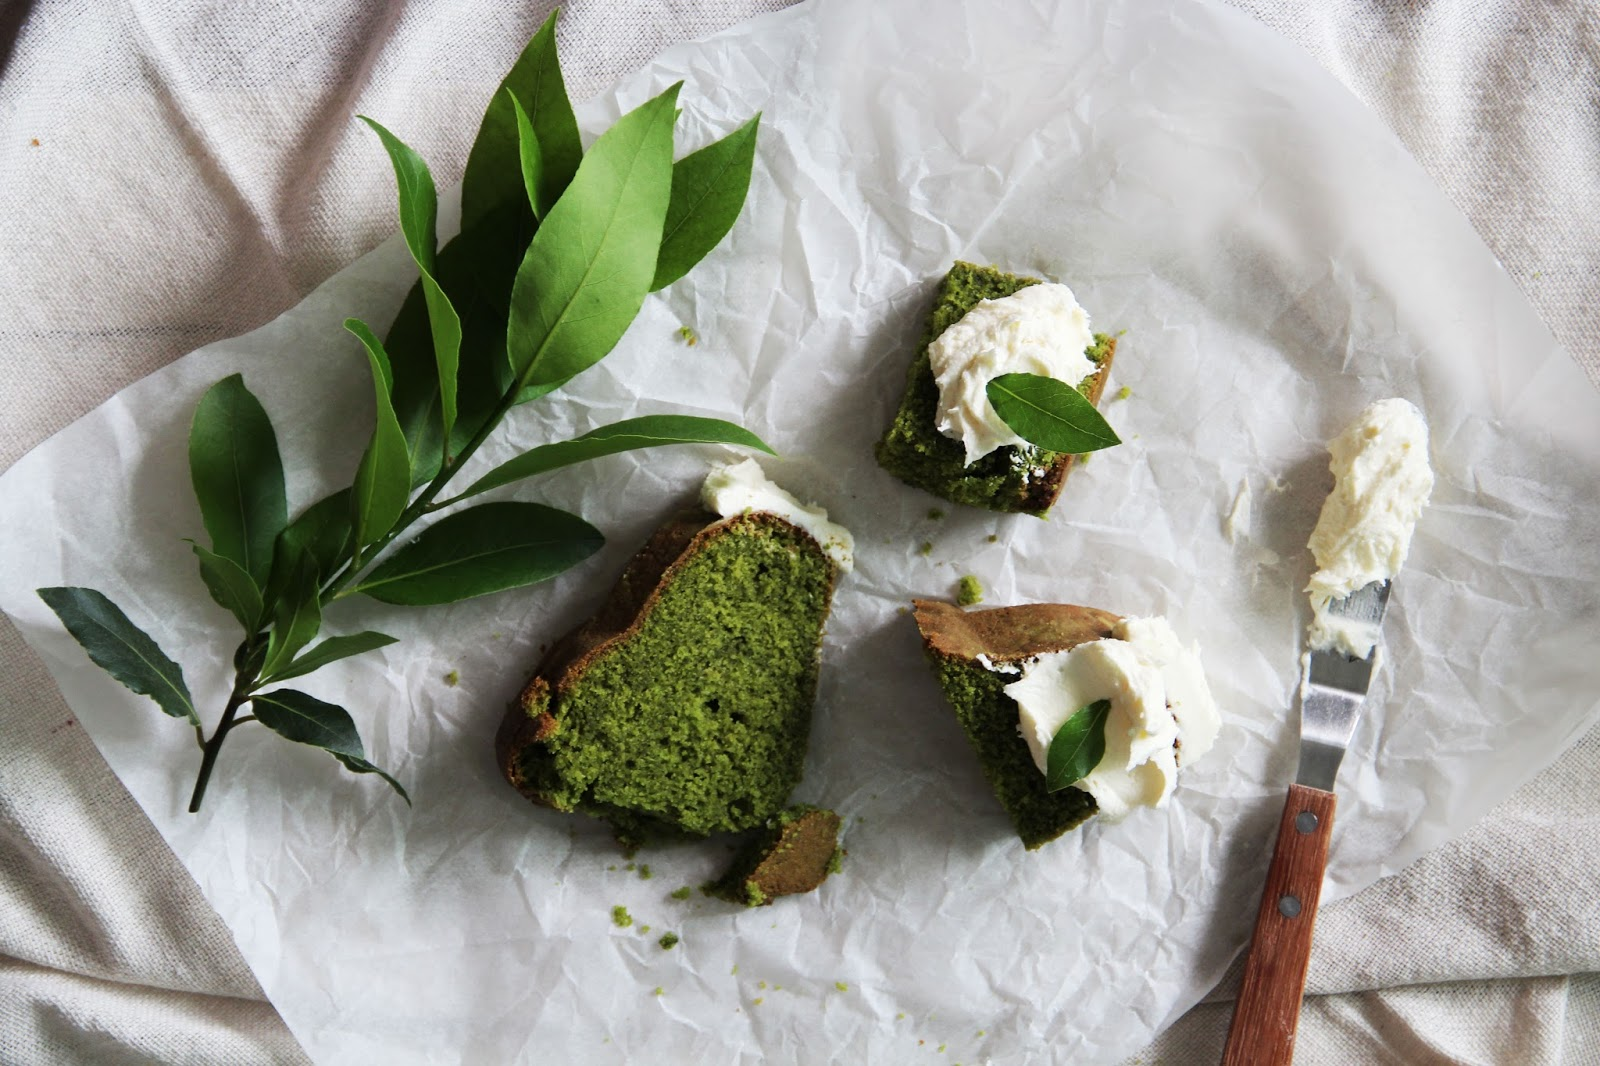 matcha green tea bundt cake fork and flower. Black Bedroom Furniture Sets. Home Design Ideas